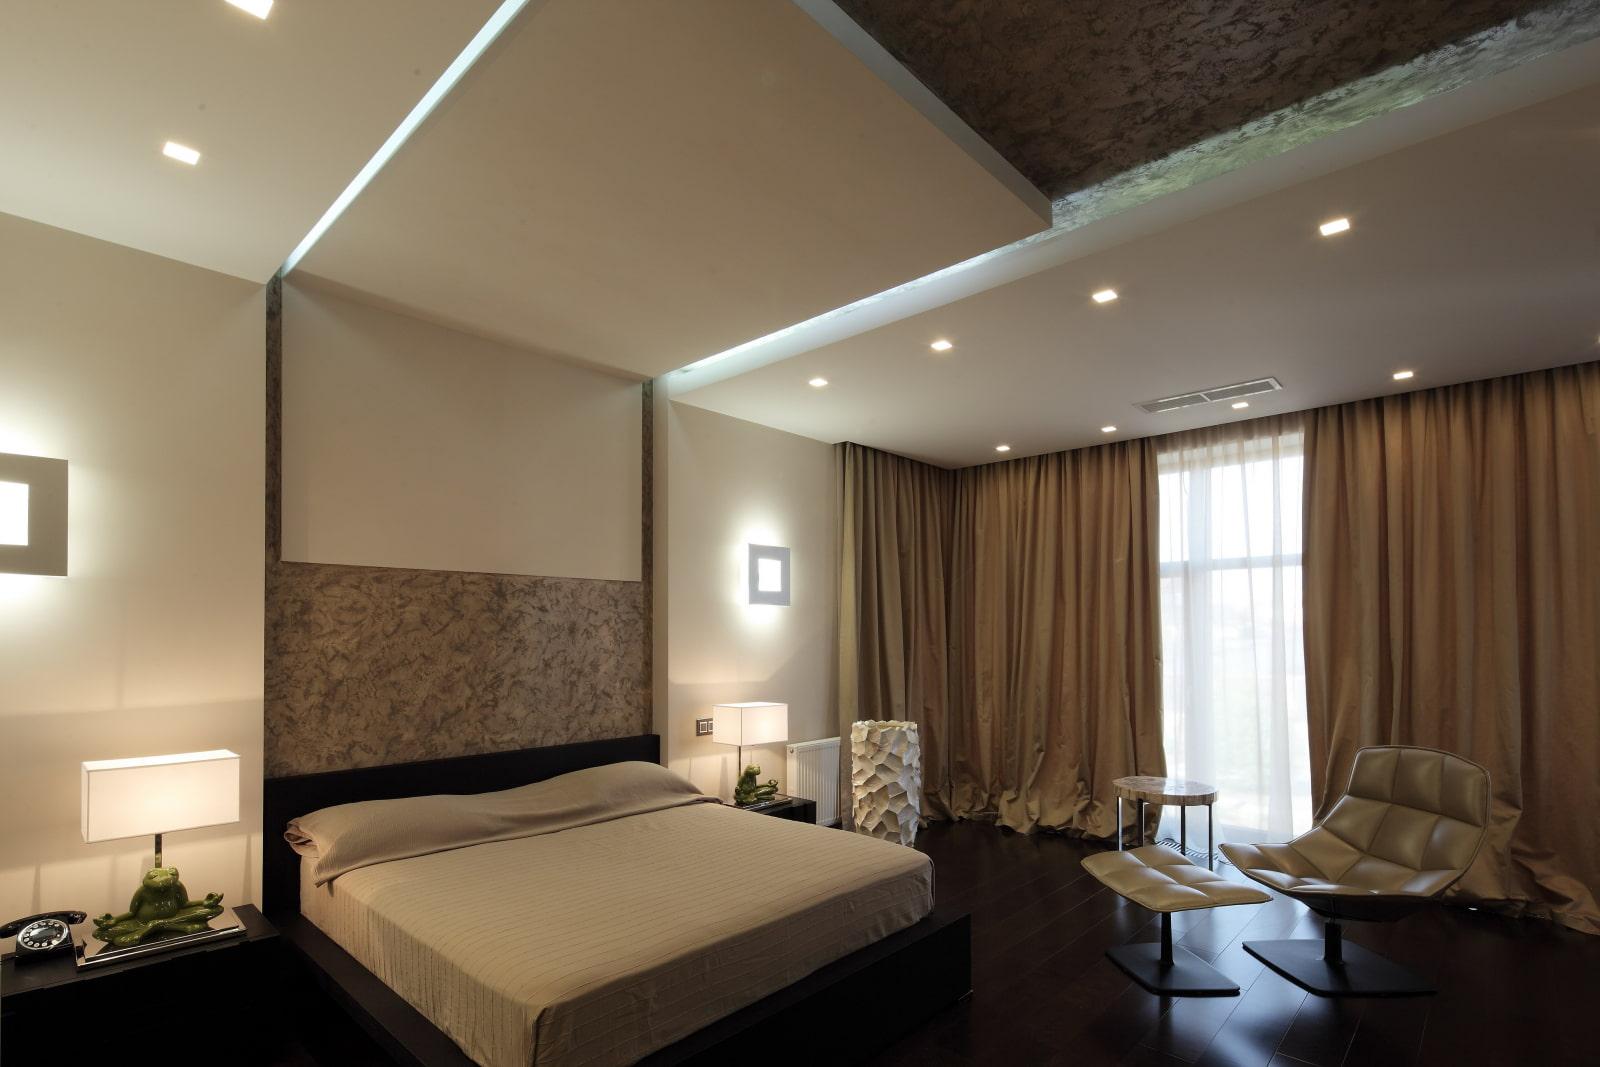 освещение в спальне оформление фото